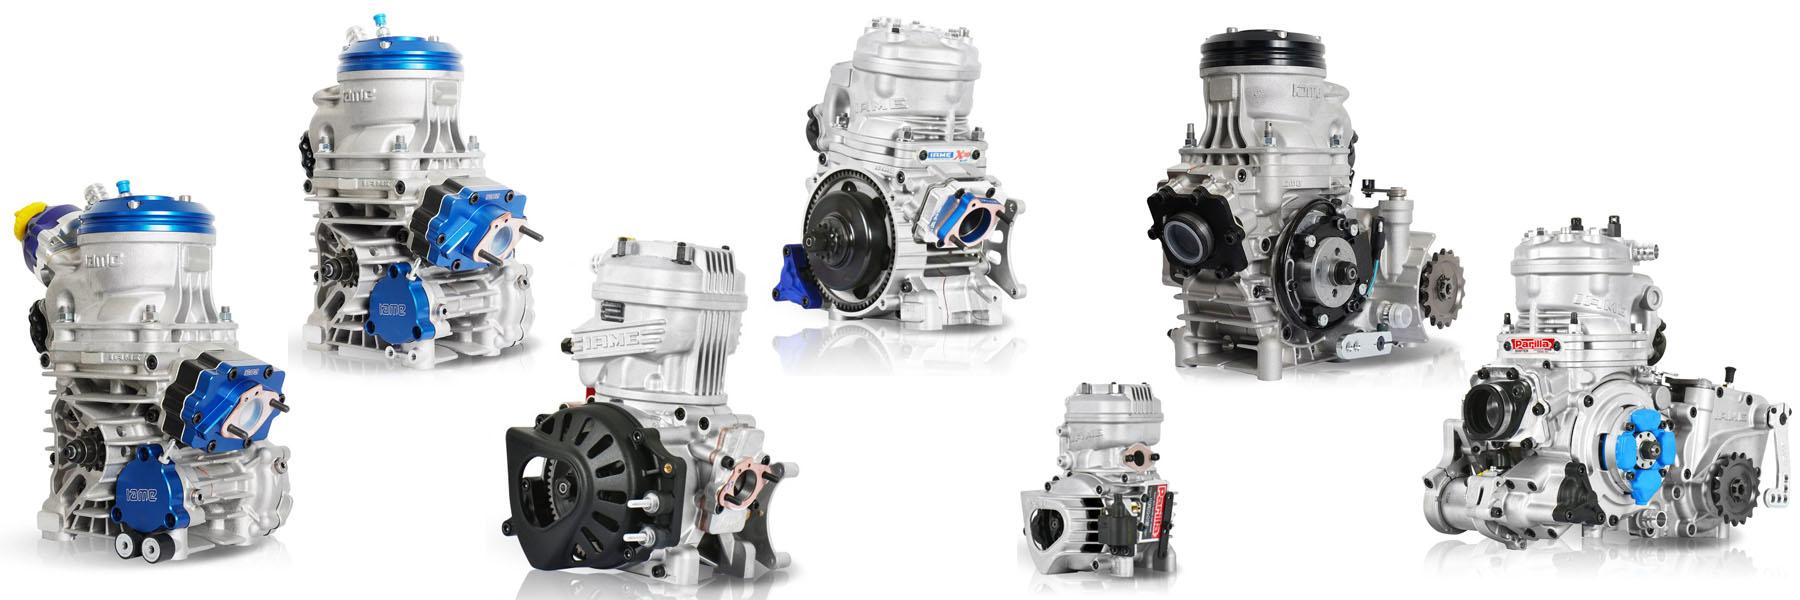 IAME Motoren und Ersatzteile